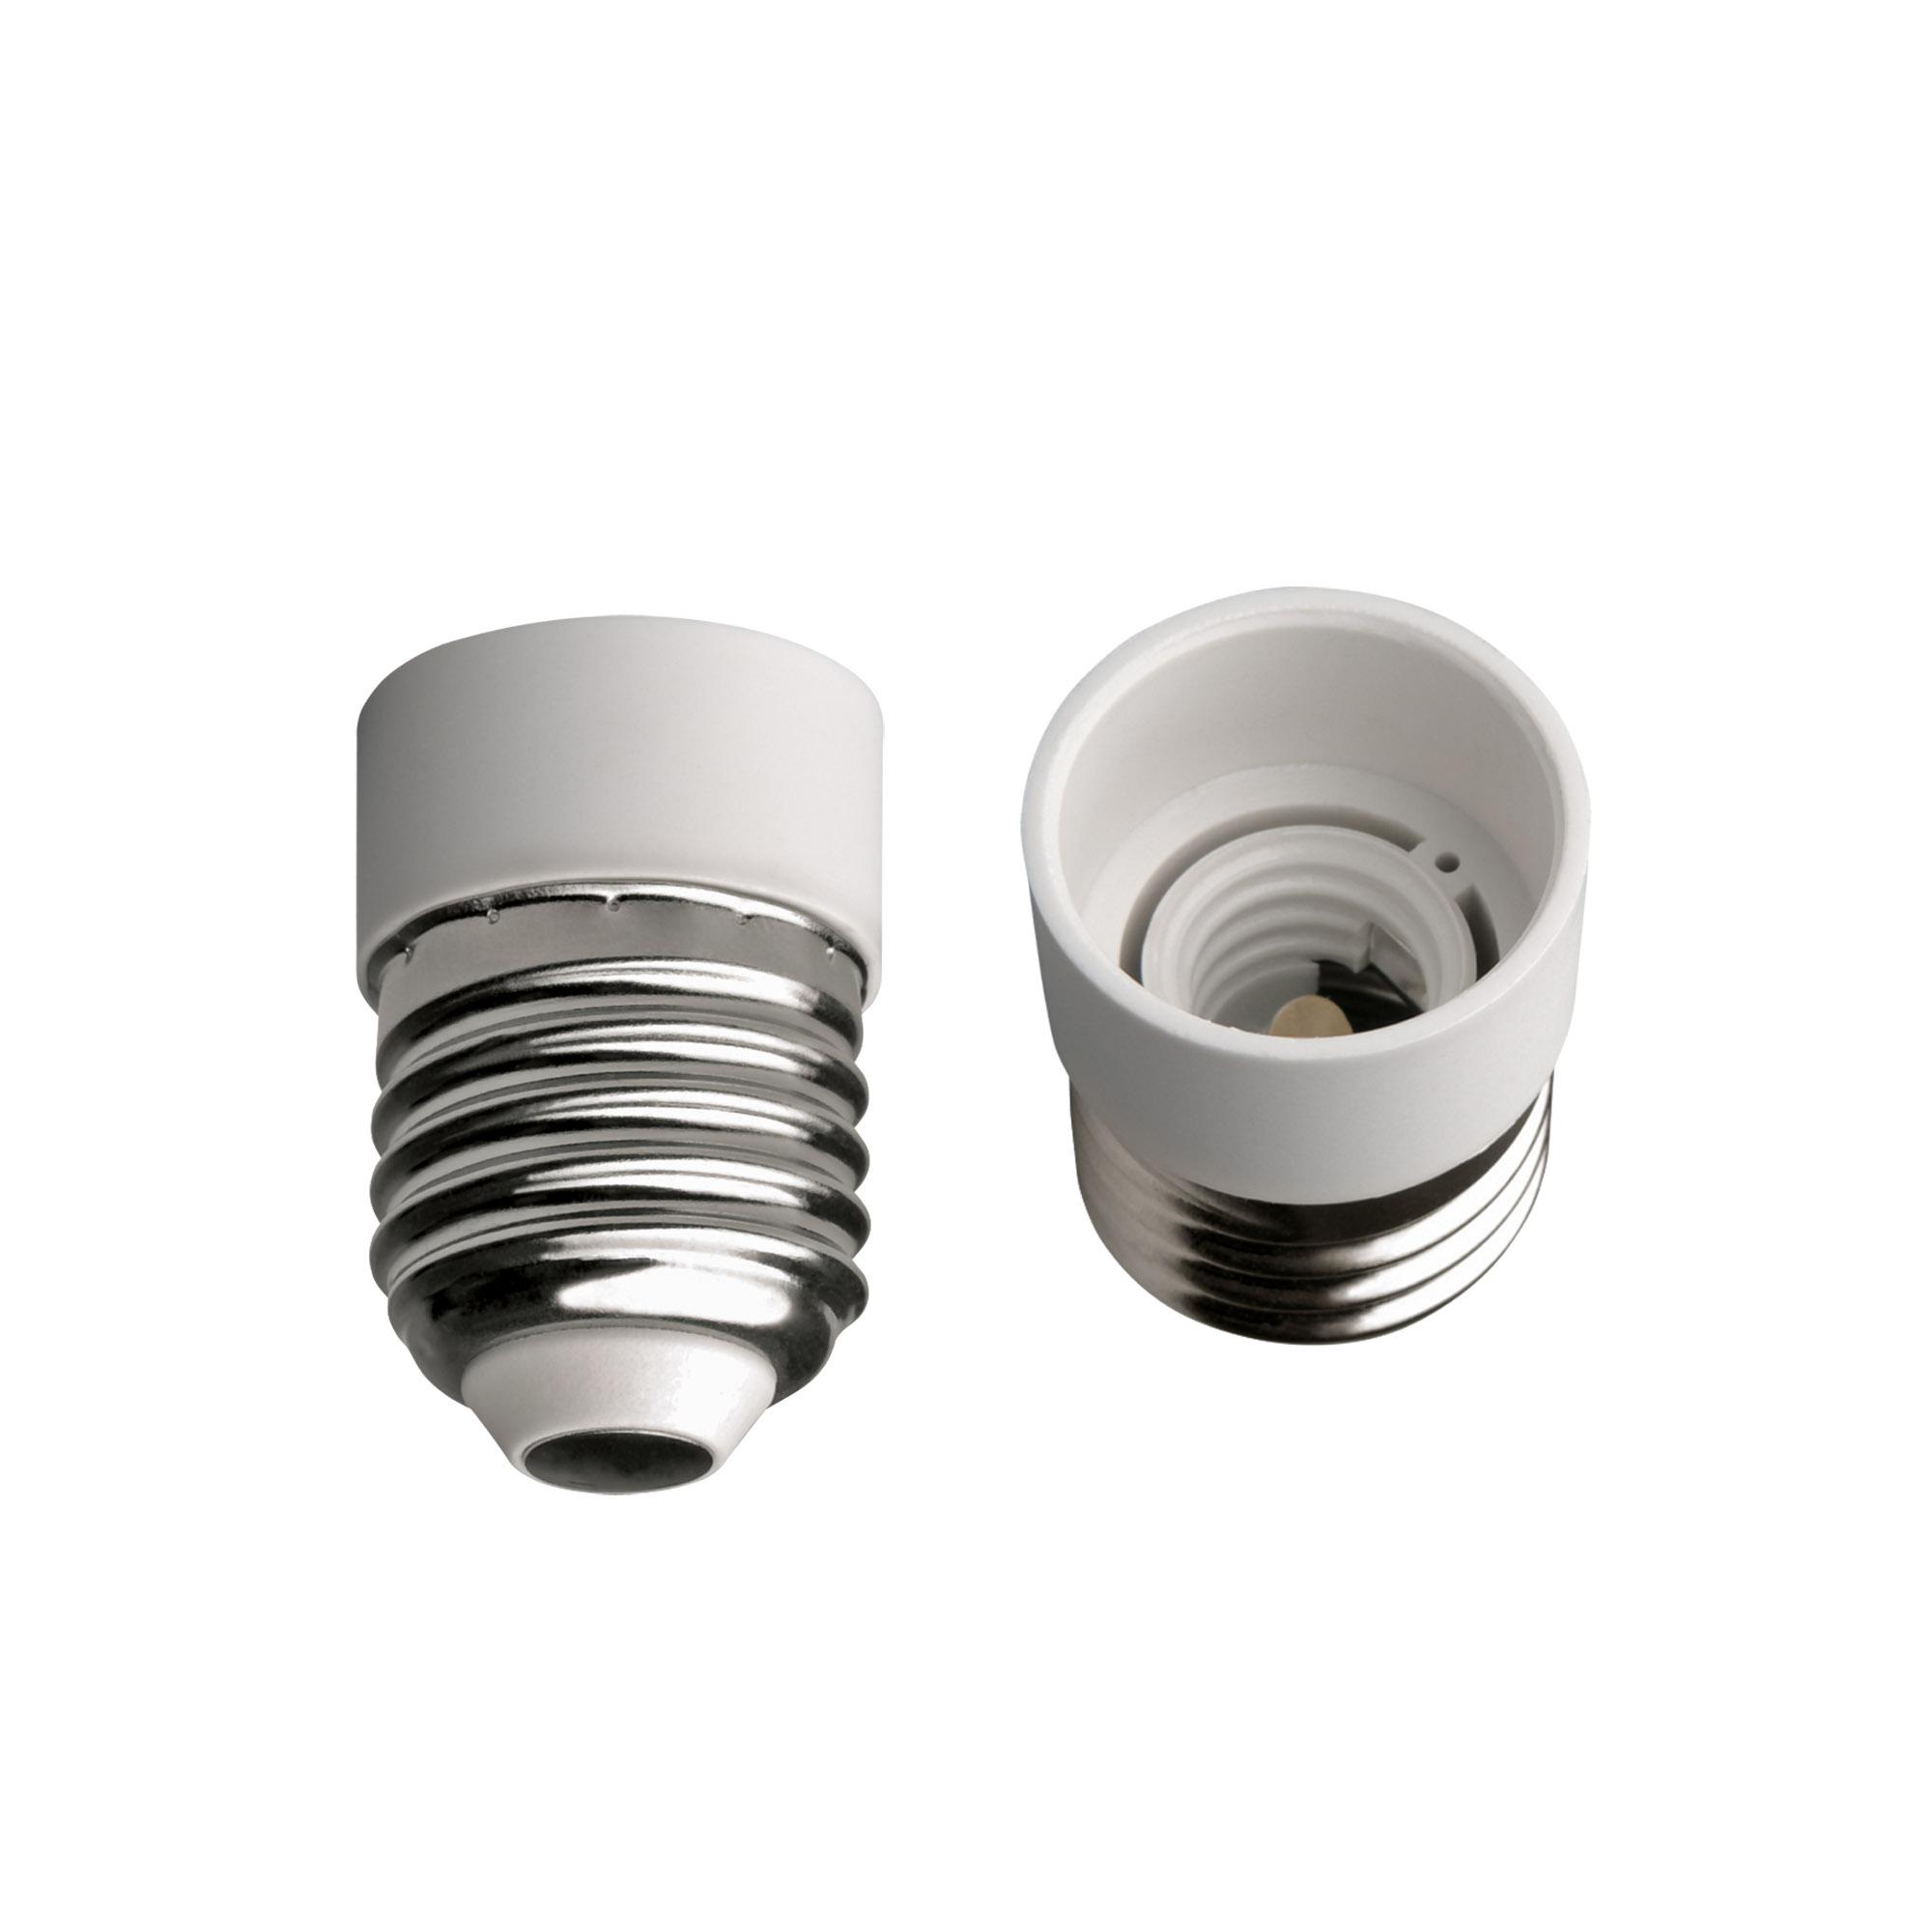 Переходник UnielАксессуары для электромонтажа<br>Тип аксессуара: переходник,<br>Степень защиты от пыли и влаги: IP 20,<br>Цвет: белый<br>